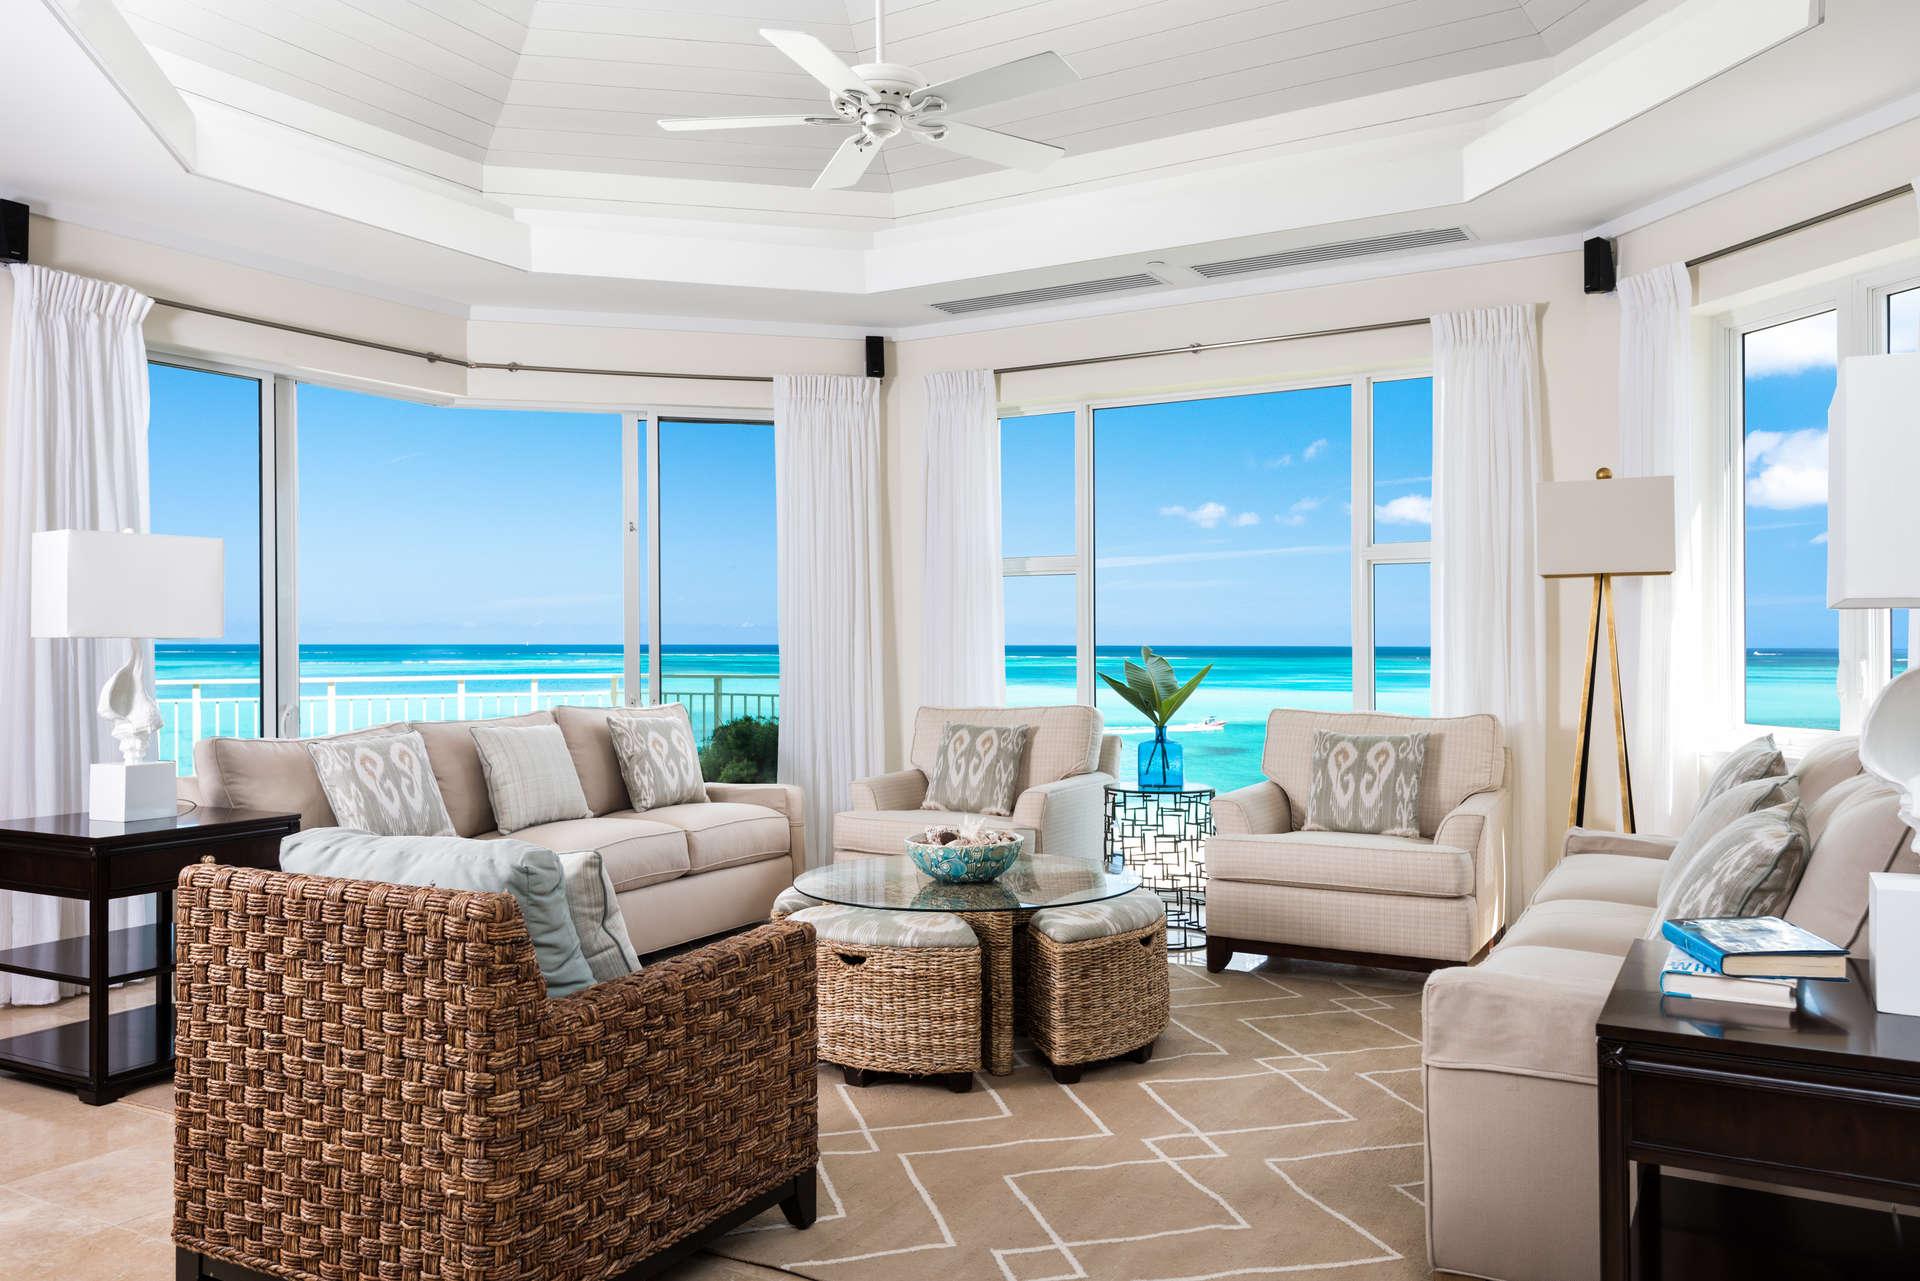 - Premier Ocean Front 3 Bedroom Suite - Image 1/7